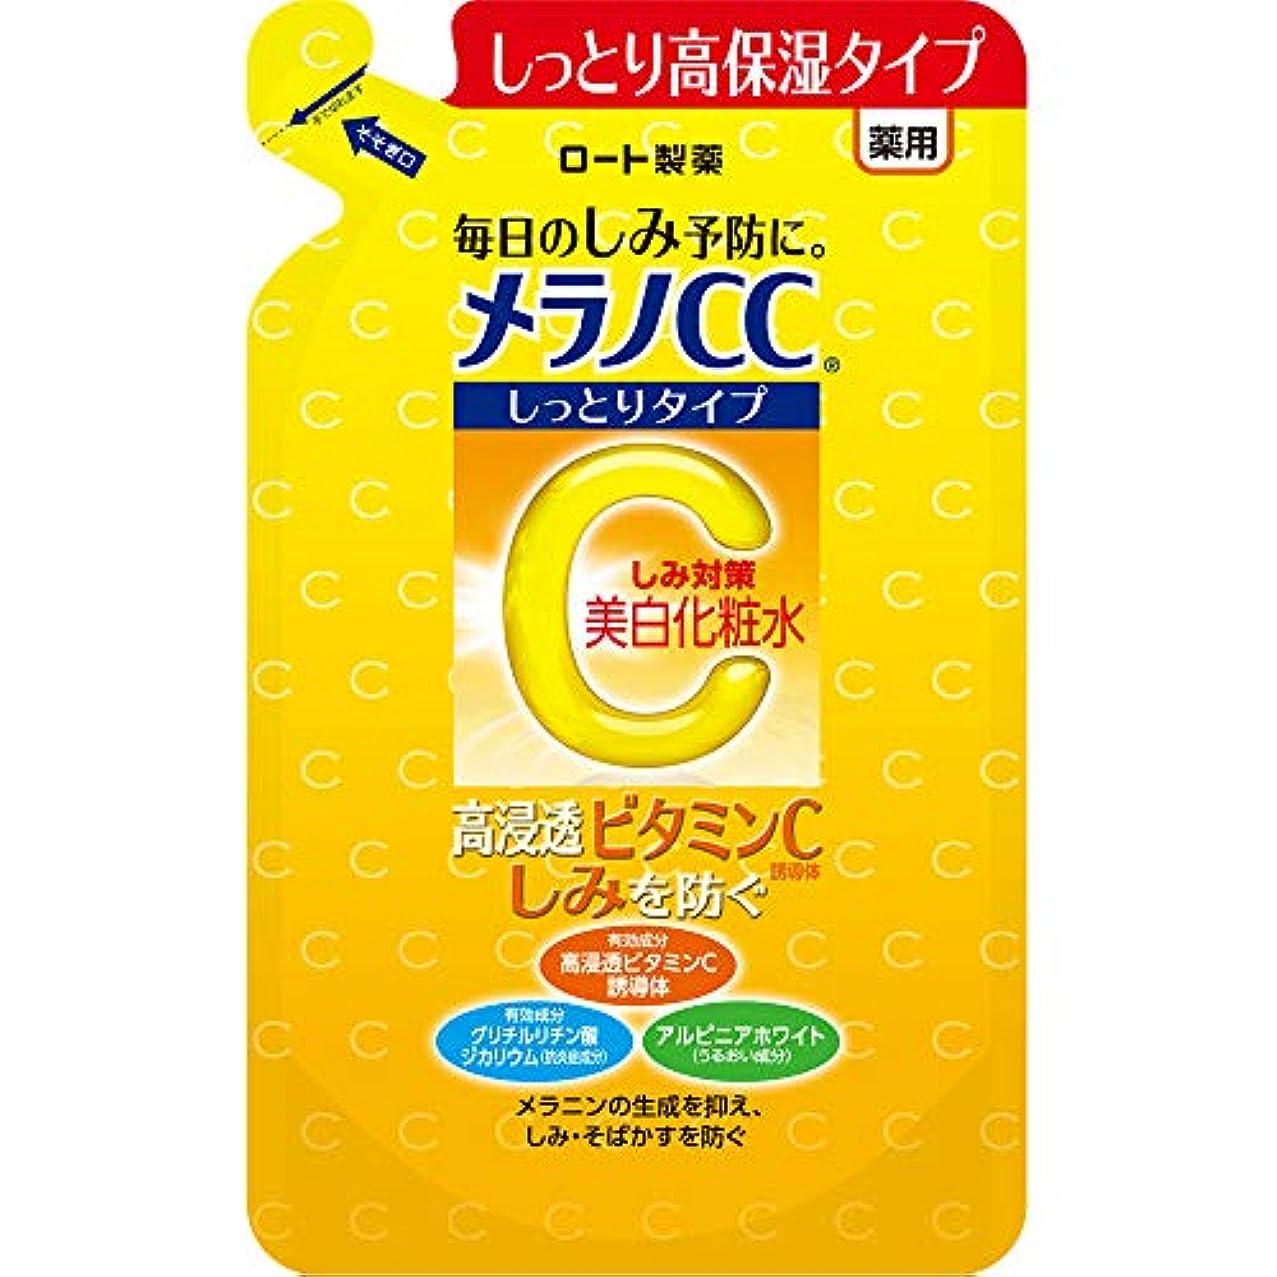 目覚める赤字荒涼としたメラノCC 薬用しみ対策美白化粧水 しっとりタイプ つめかえ用 170mL